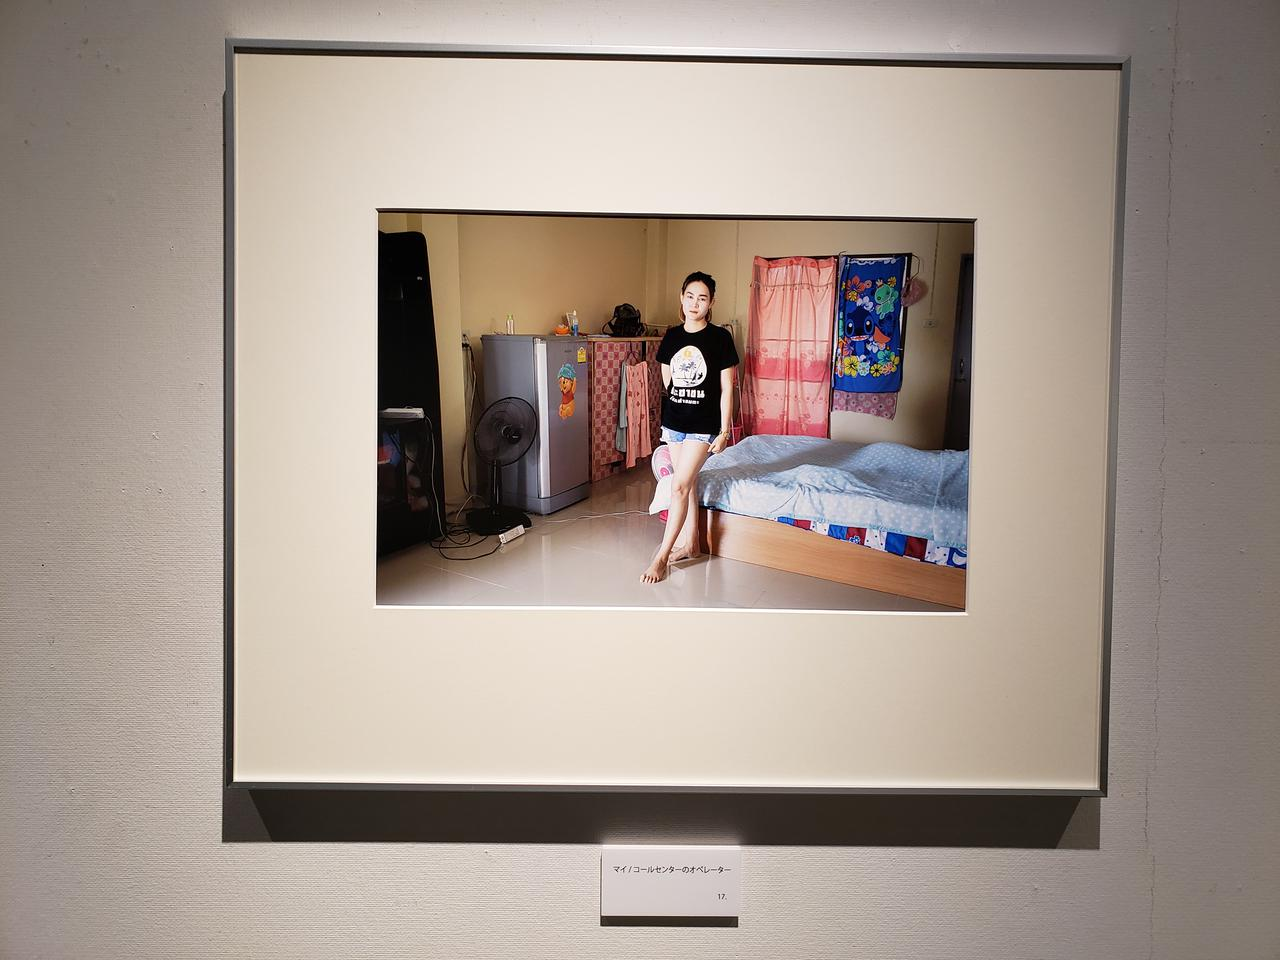 画像: 展示作品『マイ  コールセンターのオペレーター』より。 会場で閲覧できる本展のパンフレットには「強い日差しを気づかってGジャンを差し出してくれた」と木村さんからの一言の書かれています。